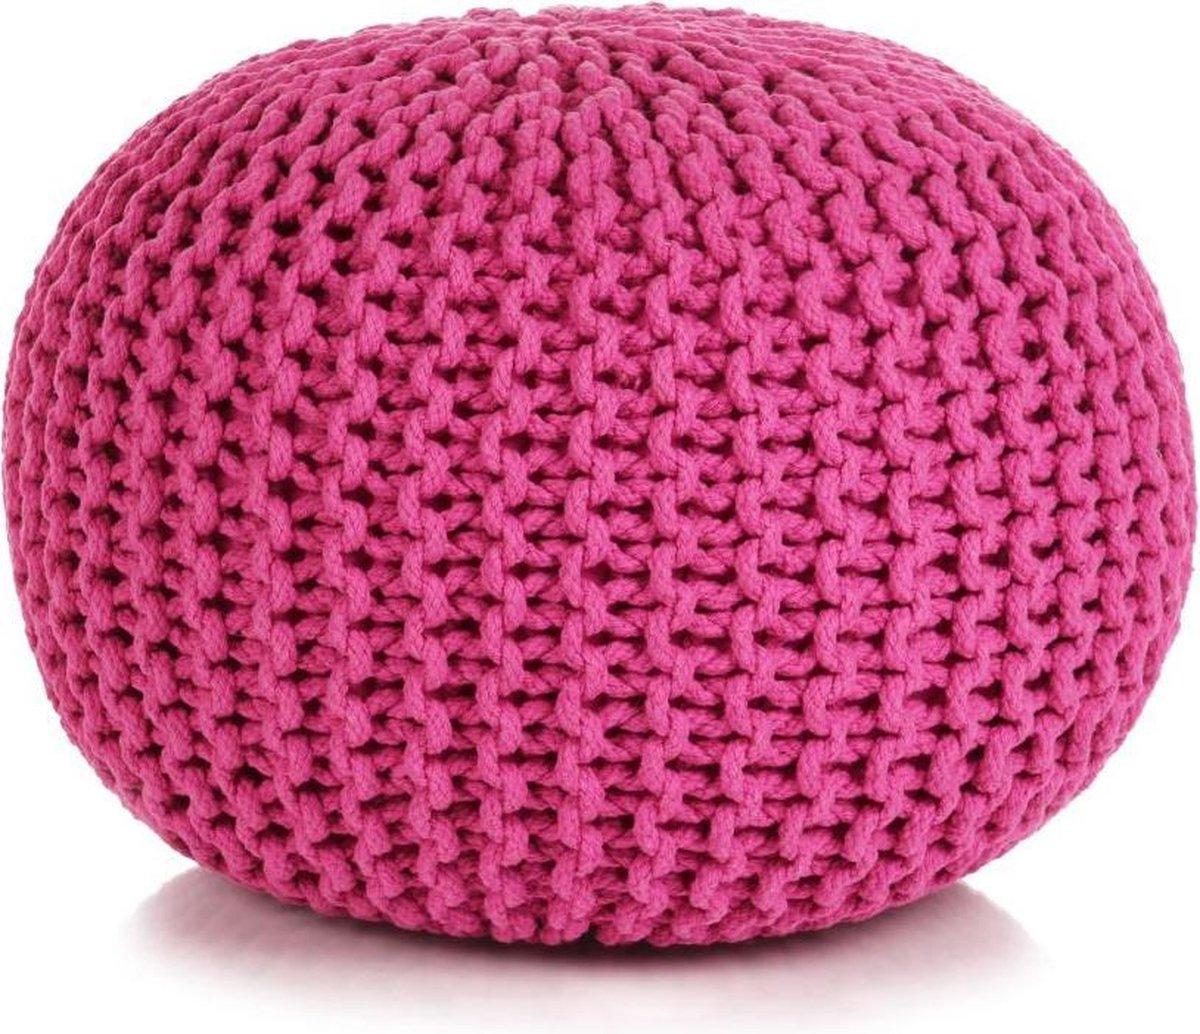 vidaXL Poef handgebreid 50x35 cm katoen roze - vidaXL